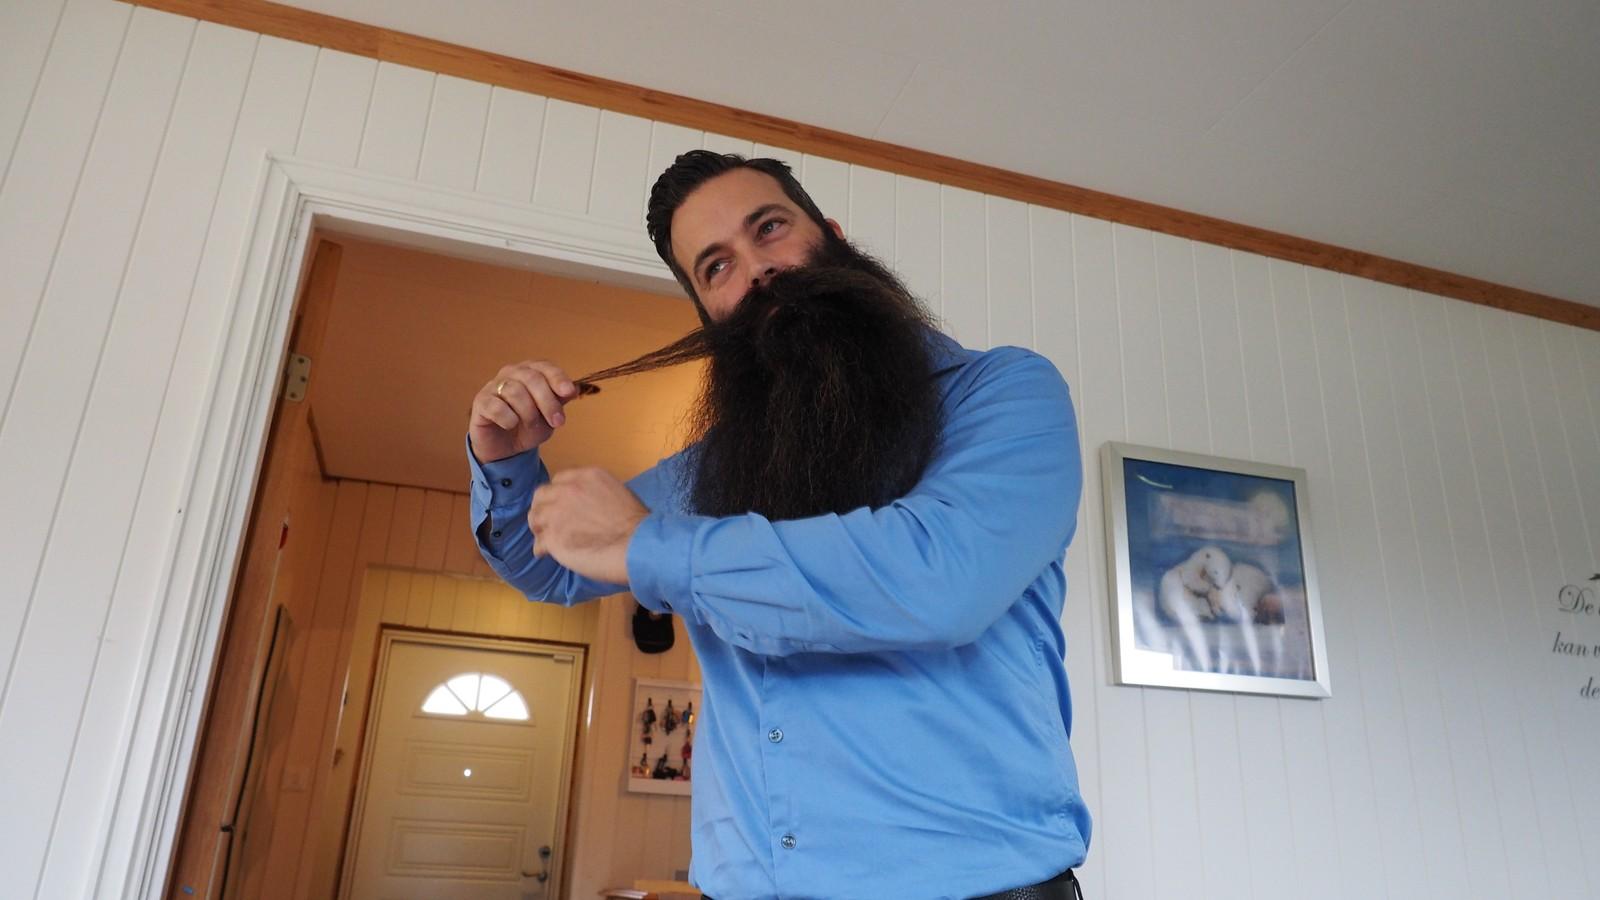 SKAL STUSSES: Nils liker at skjegget får vokse vilt. Han bruker ikke lenger tid på rette kanter.